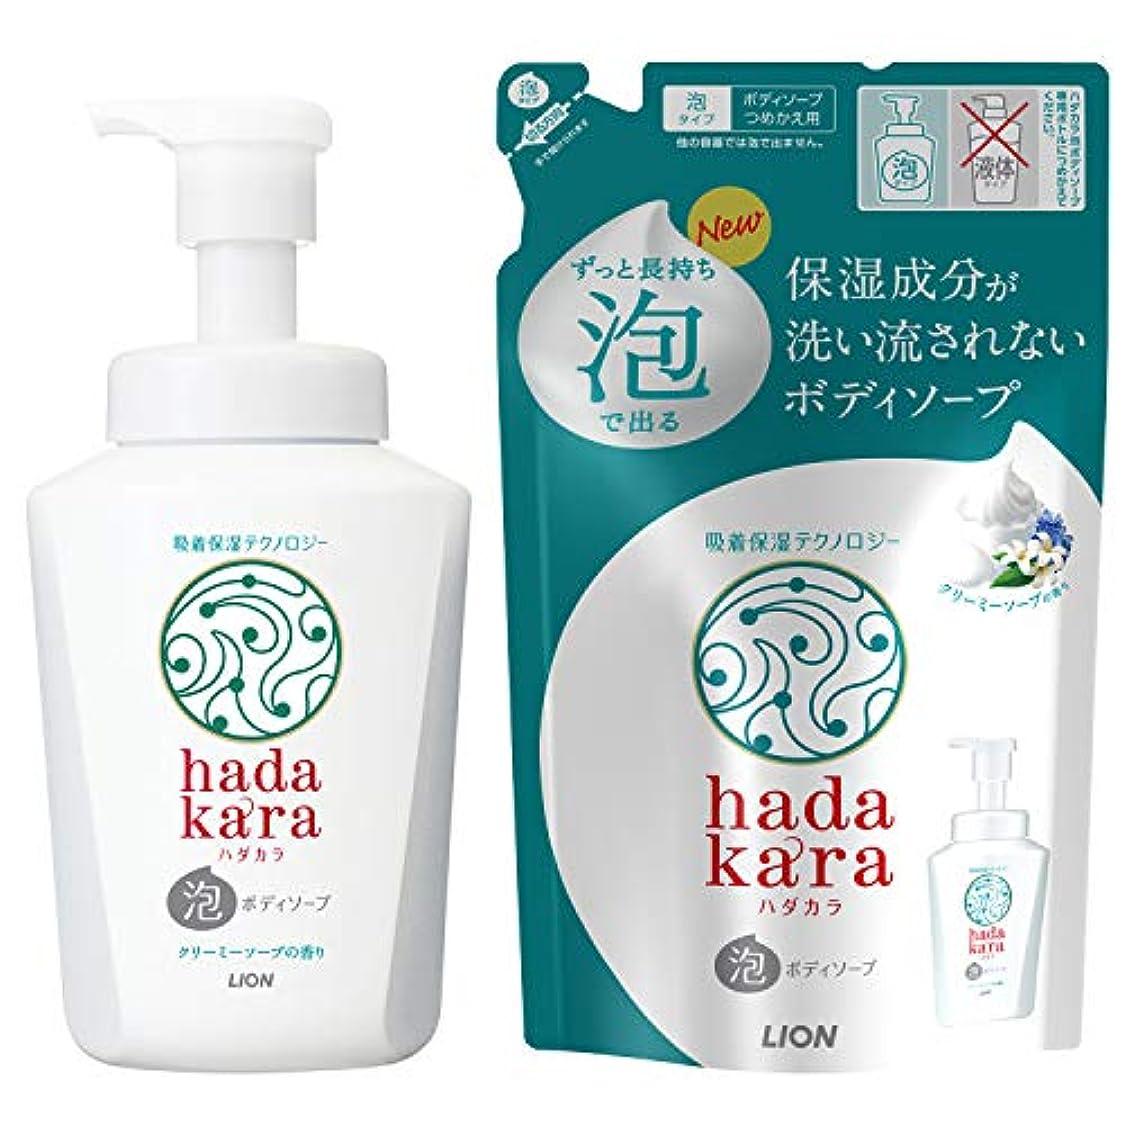 一瞬夕暮れ恵みhadakara(ハダカラ) ボディソープ 泡タイプ クリーミーソープの香り 本体550ml+詰替440ml